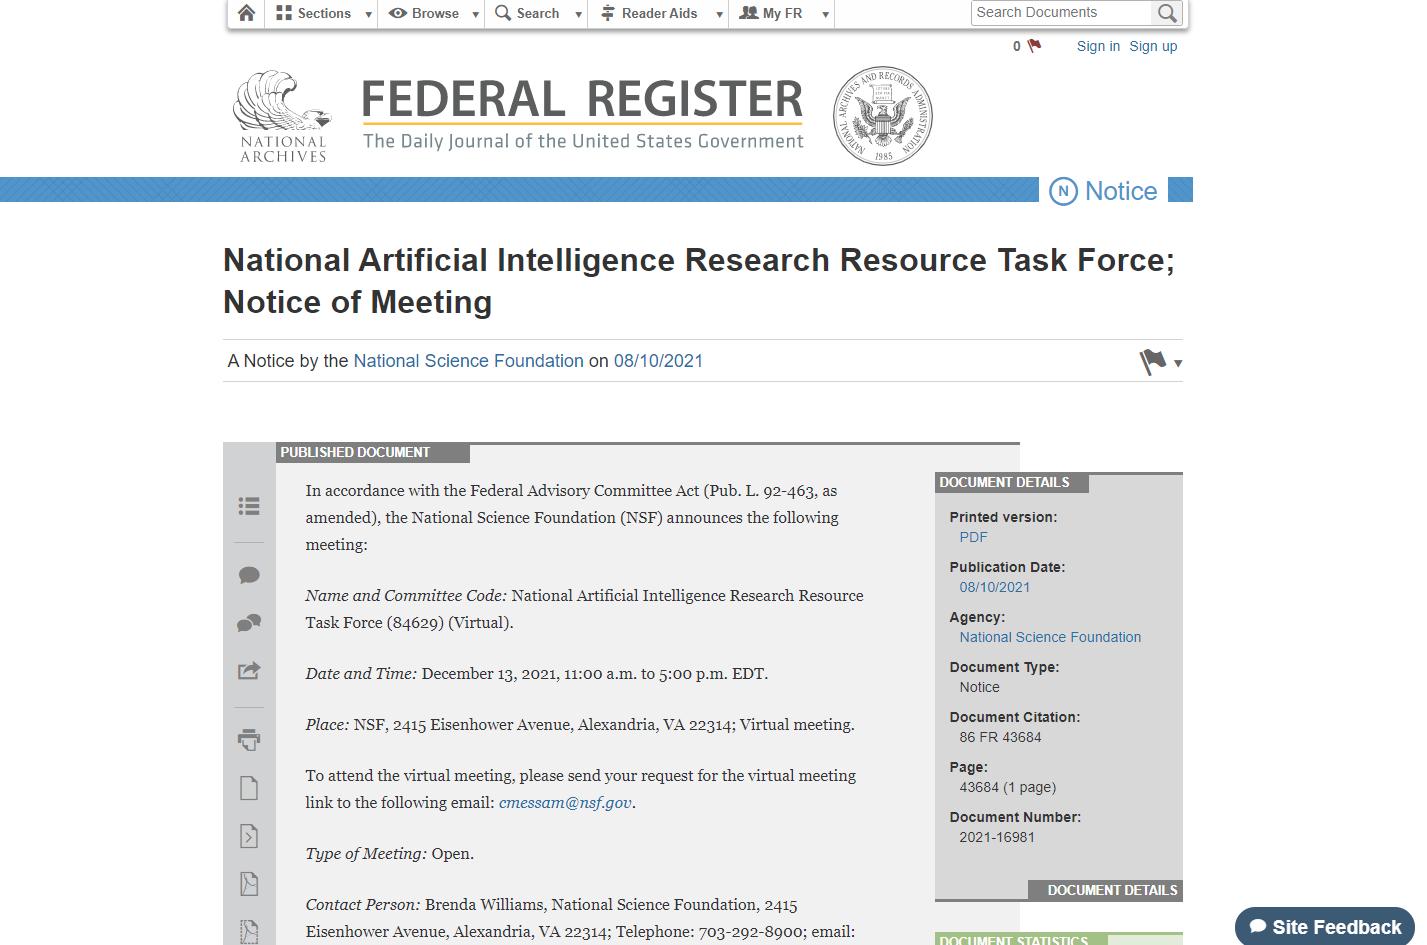 Federal Register Notice 86 FR 43684 - 2